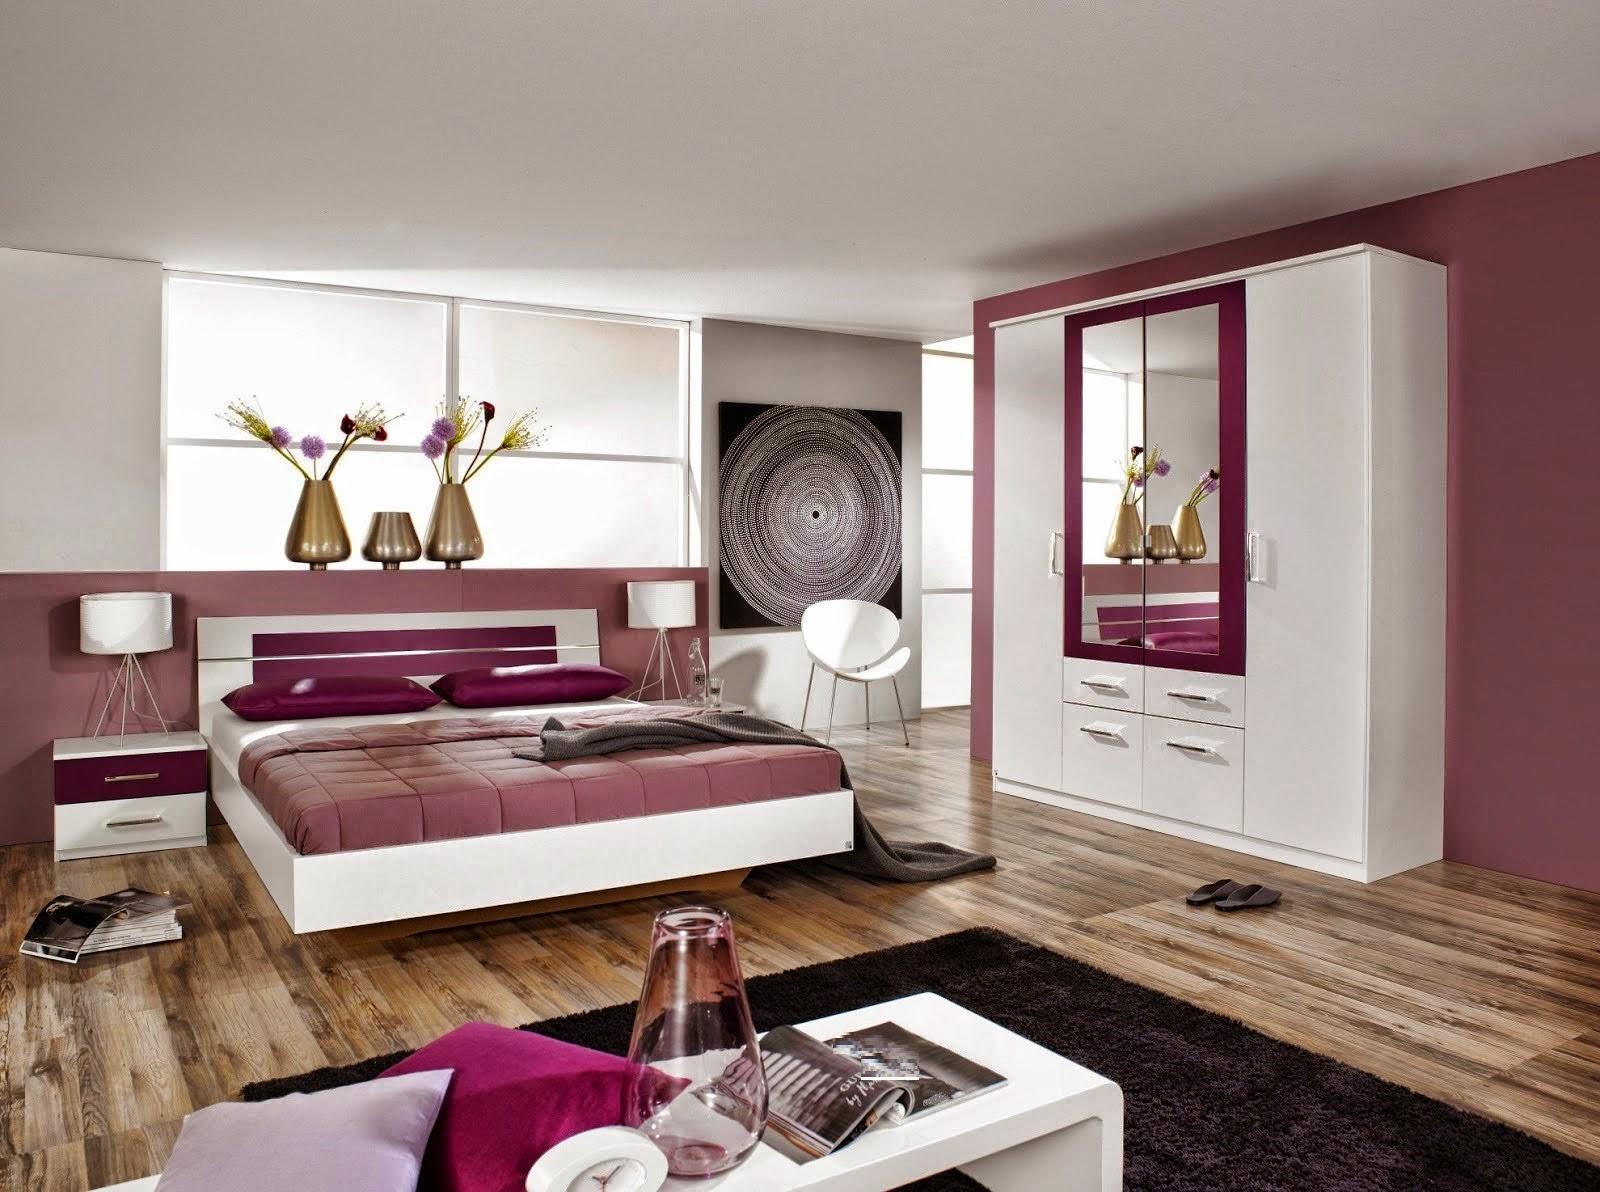 comment dessiner une chambre a coucher en perspective. Black Bedroom Furniture Sets. Home Design Ideas